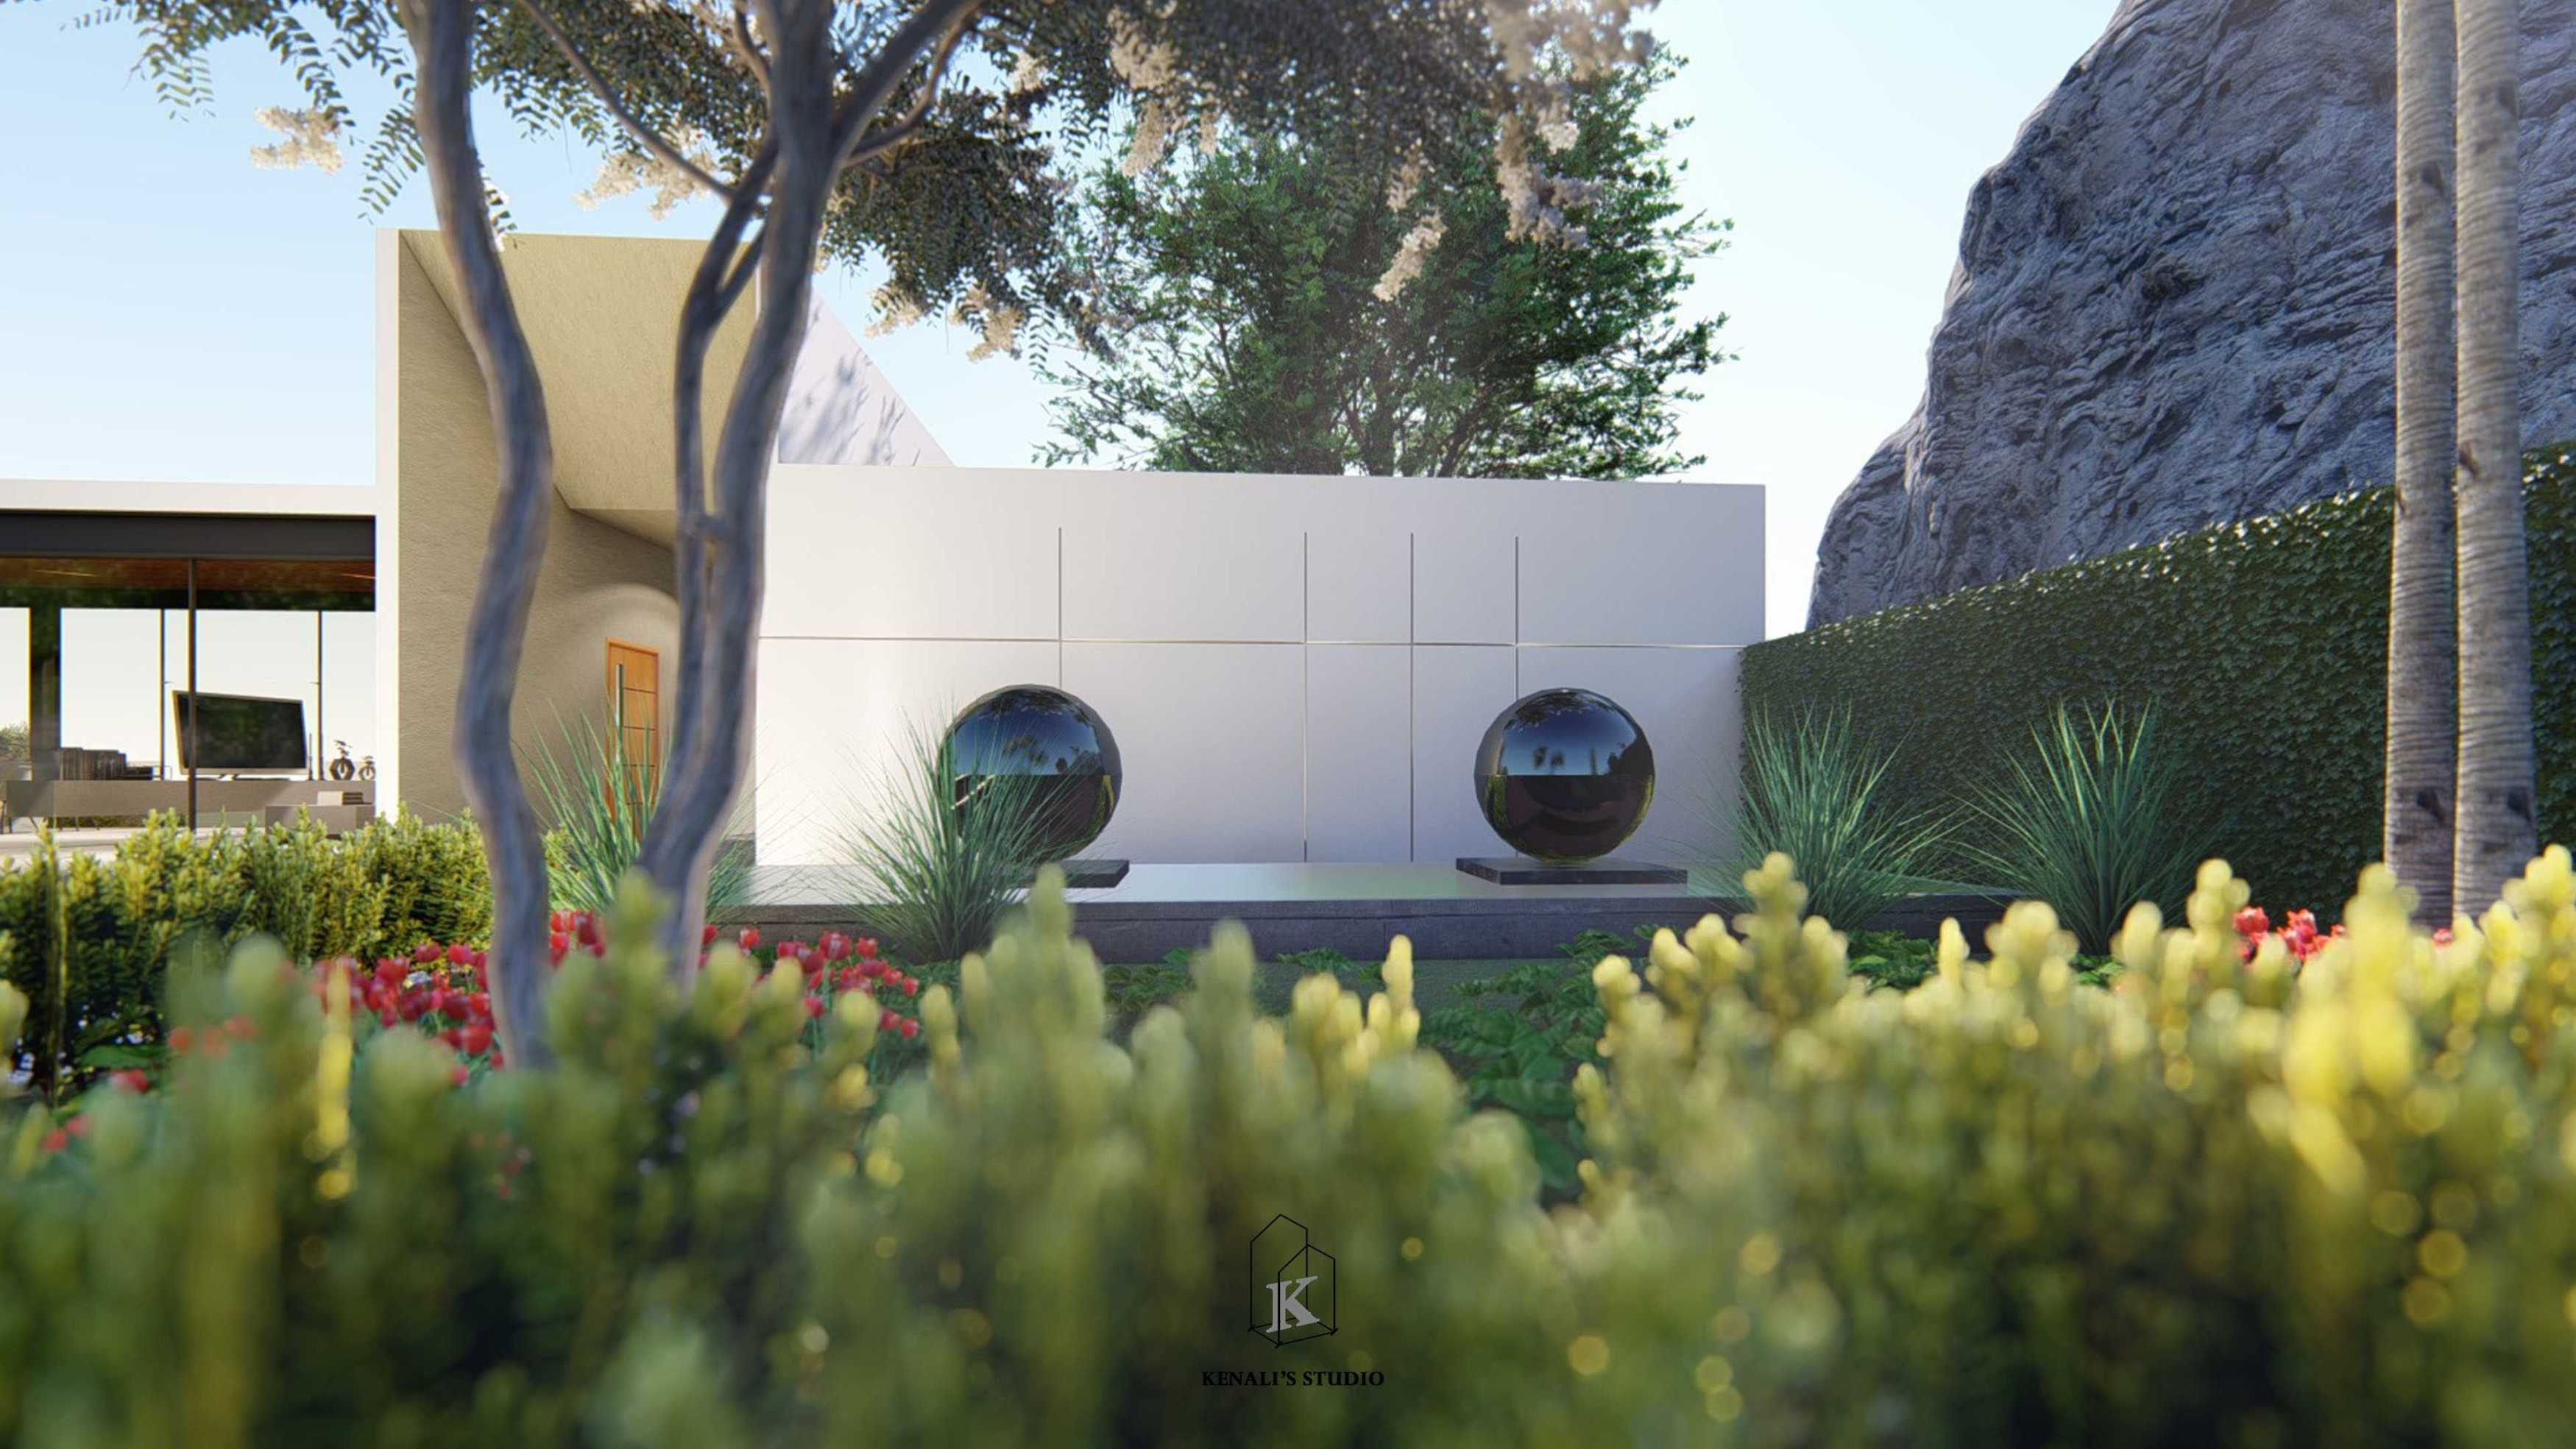 Kenali's Studio Villa Ubud, Kecamatan Ubud, Kabupaten Gianyar, Bali, Indonesia Ubud, Kecamatan Ubud, Kabupaten Gianyar, Bali, Indonesia Kenalis-Studio-Villa Modern  93599